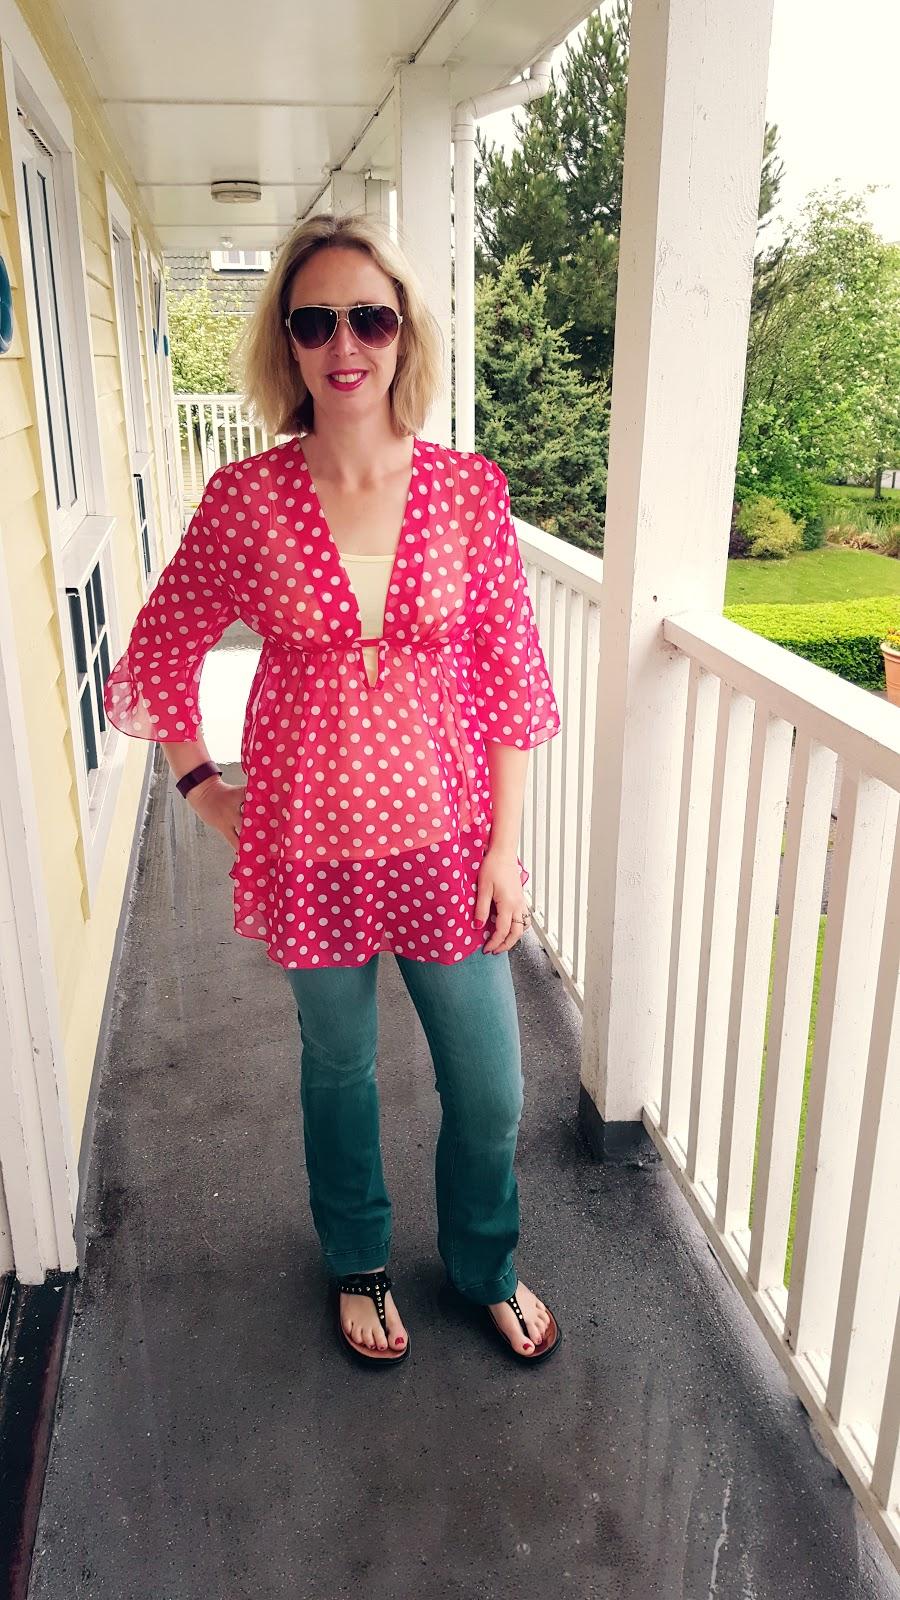 Polka Dots, Rain, Sunglasses: Make A Great Holiday